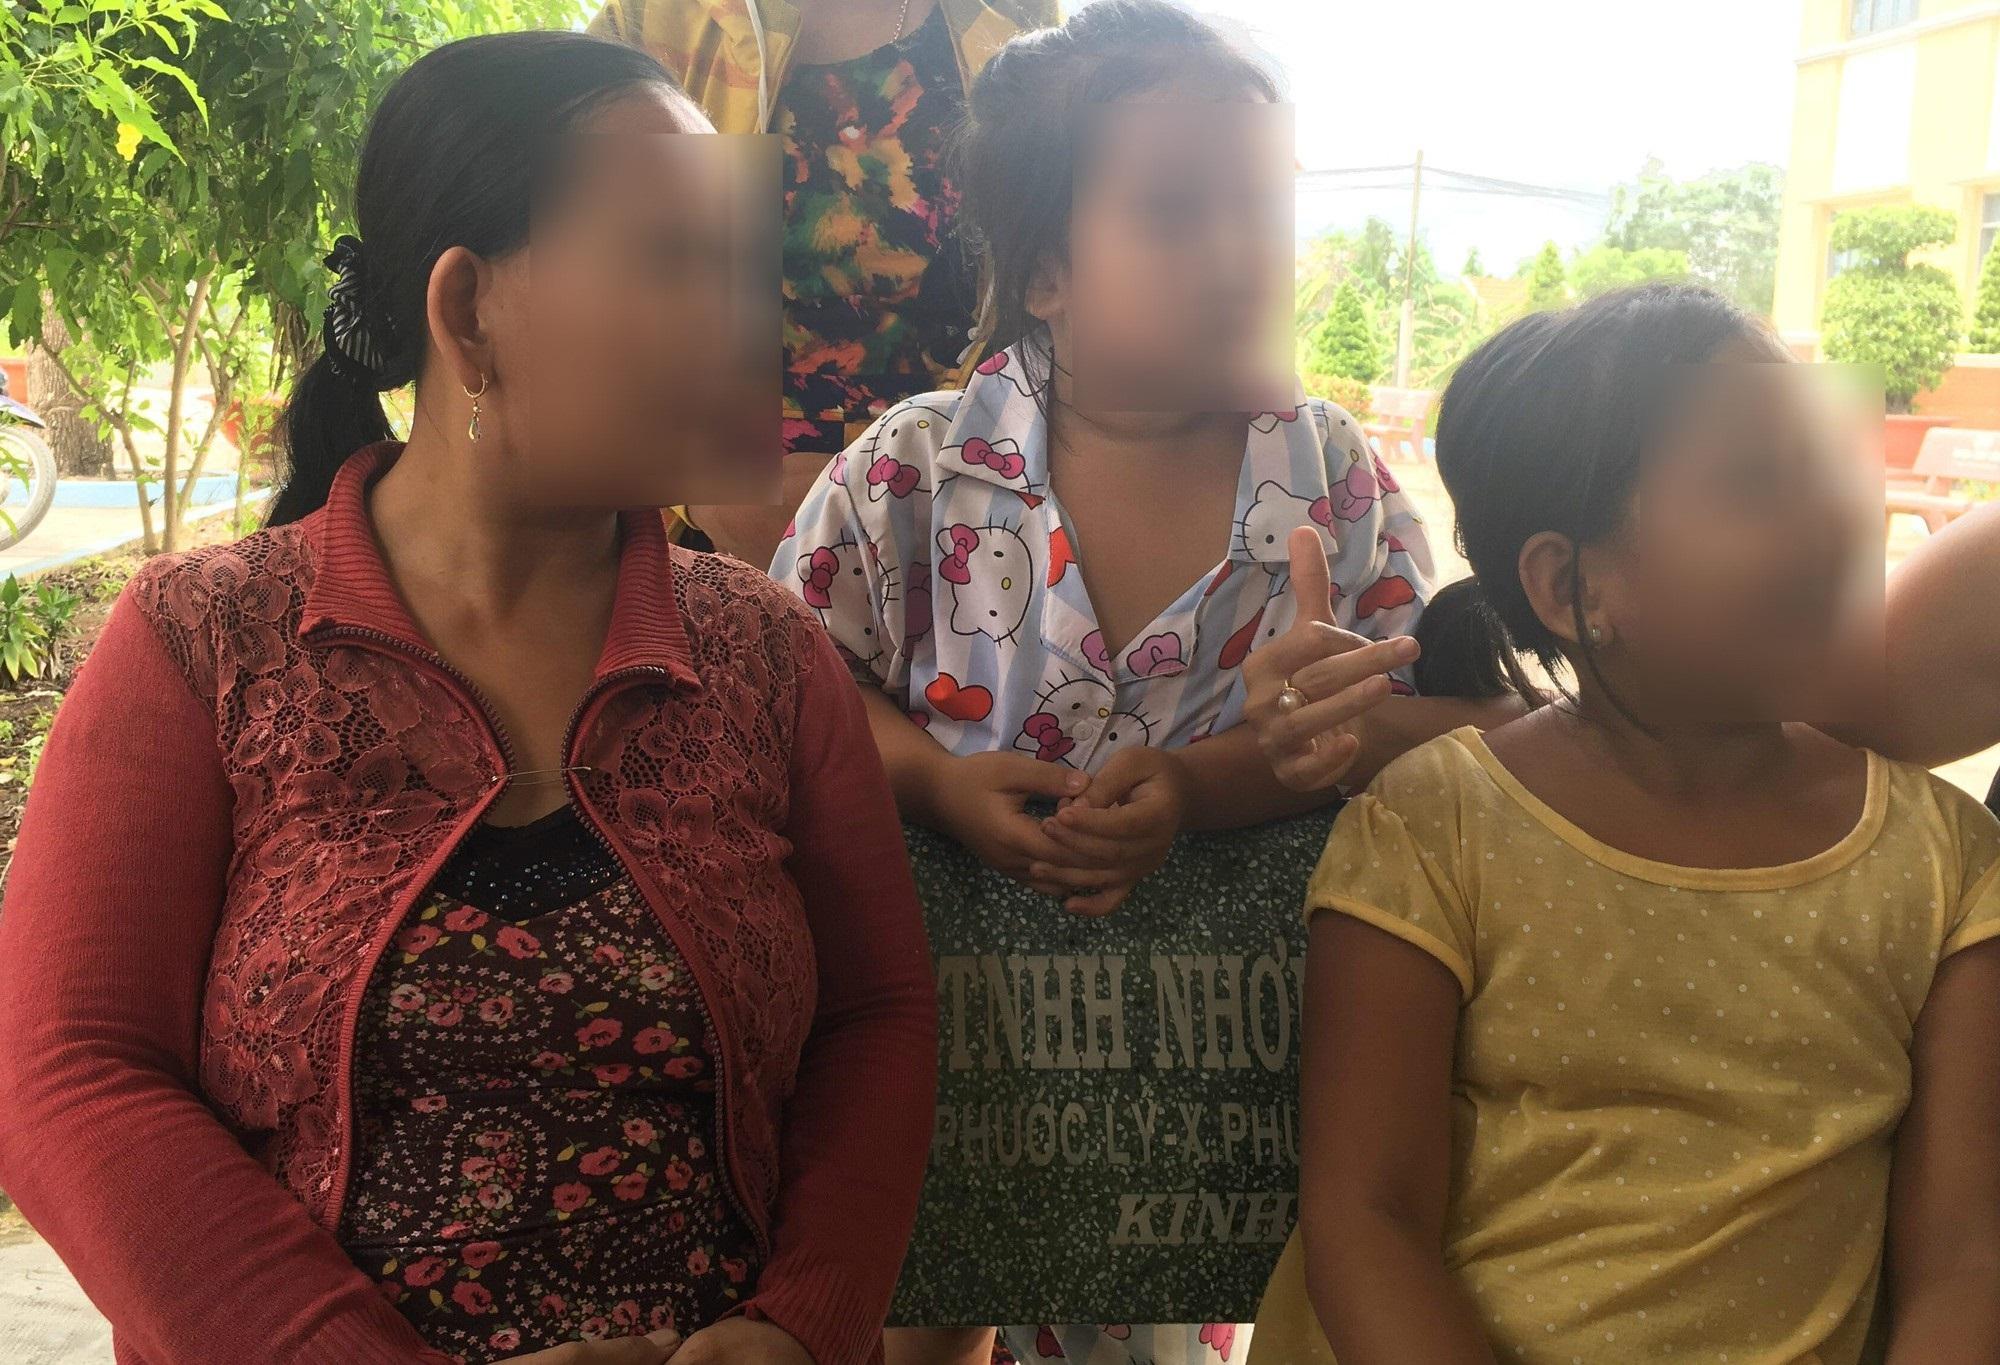 Căm phẫn: Cha ruột hiếp dâm con gái 9 tuổi 5 lần, xâm hại cả hai bé hàng xóm - Ảnh 1